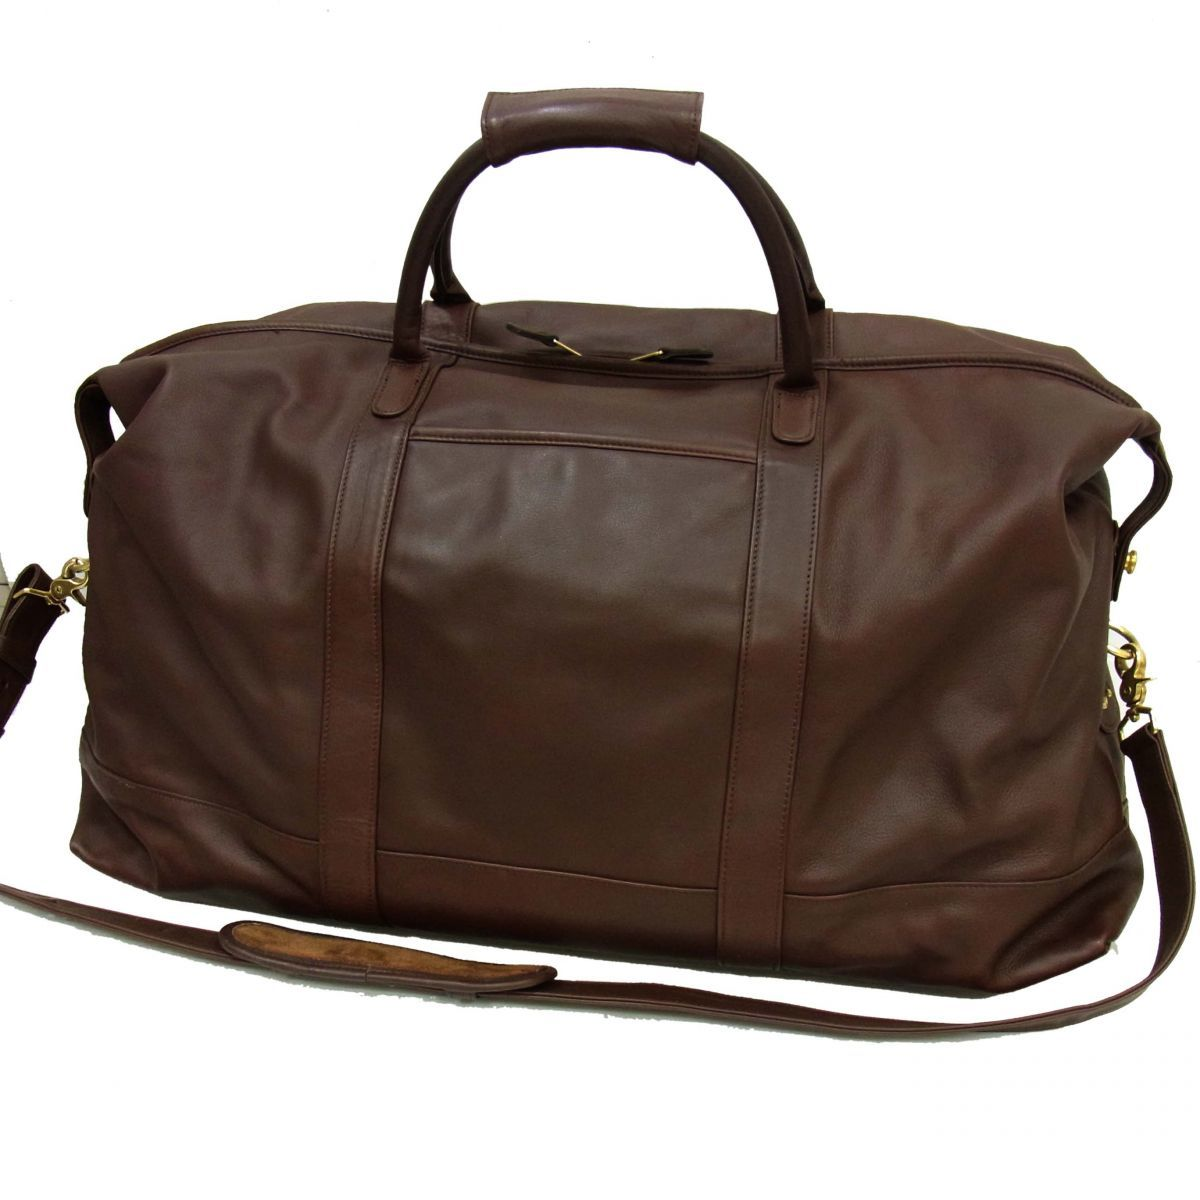 ◎コーチ メンズ ボストンバッグ オールドコーチ 本革 旅行鞄 COACH レザーバッグ ショルダーバッグ ハンドバッグ レディース 肩掛け 1円